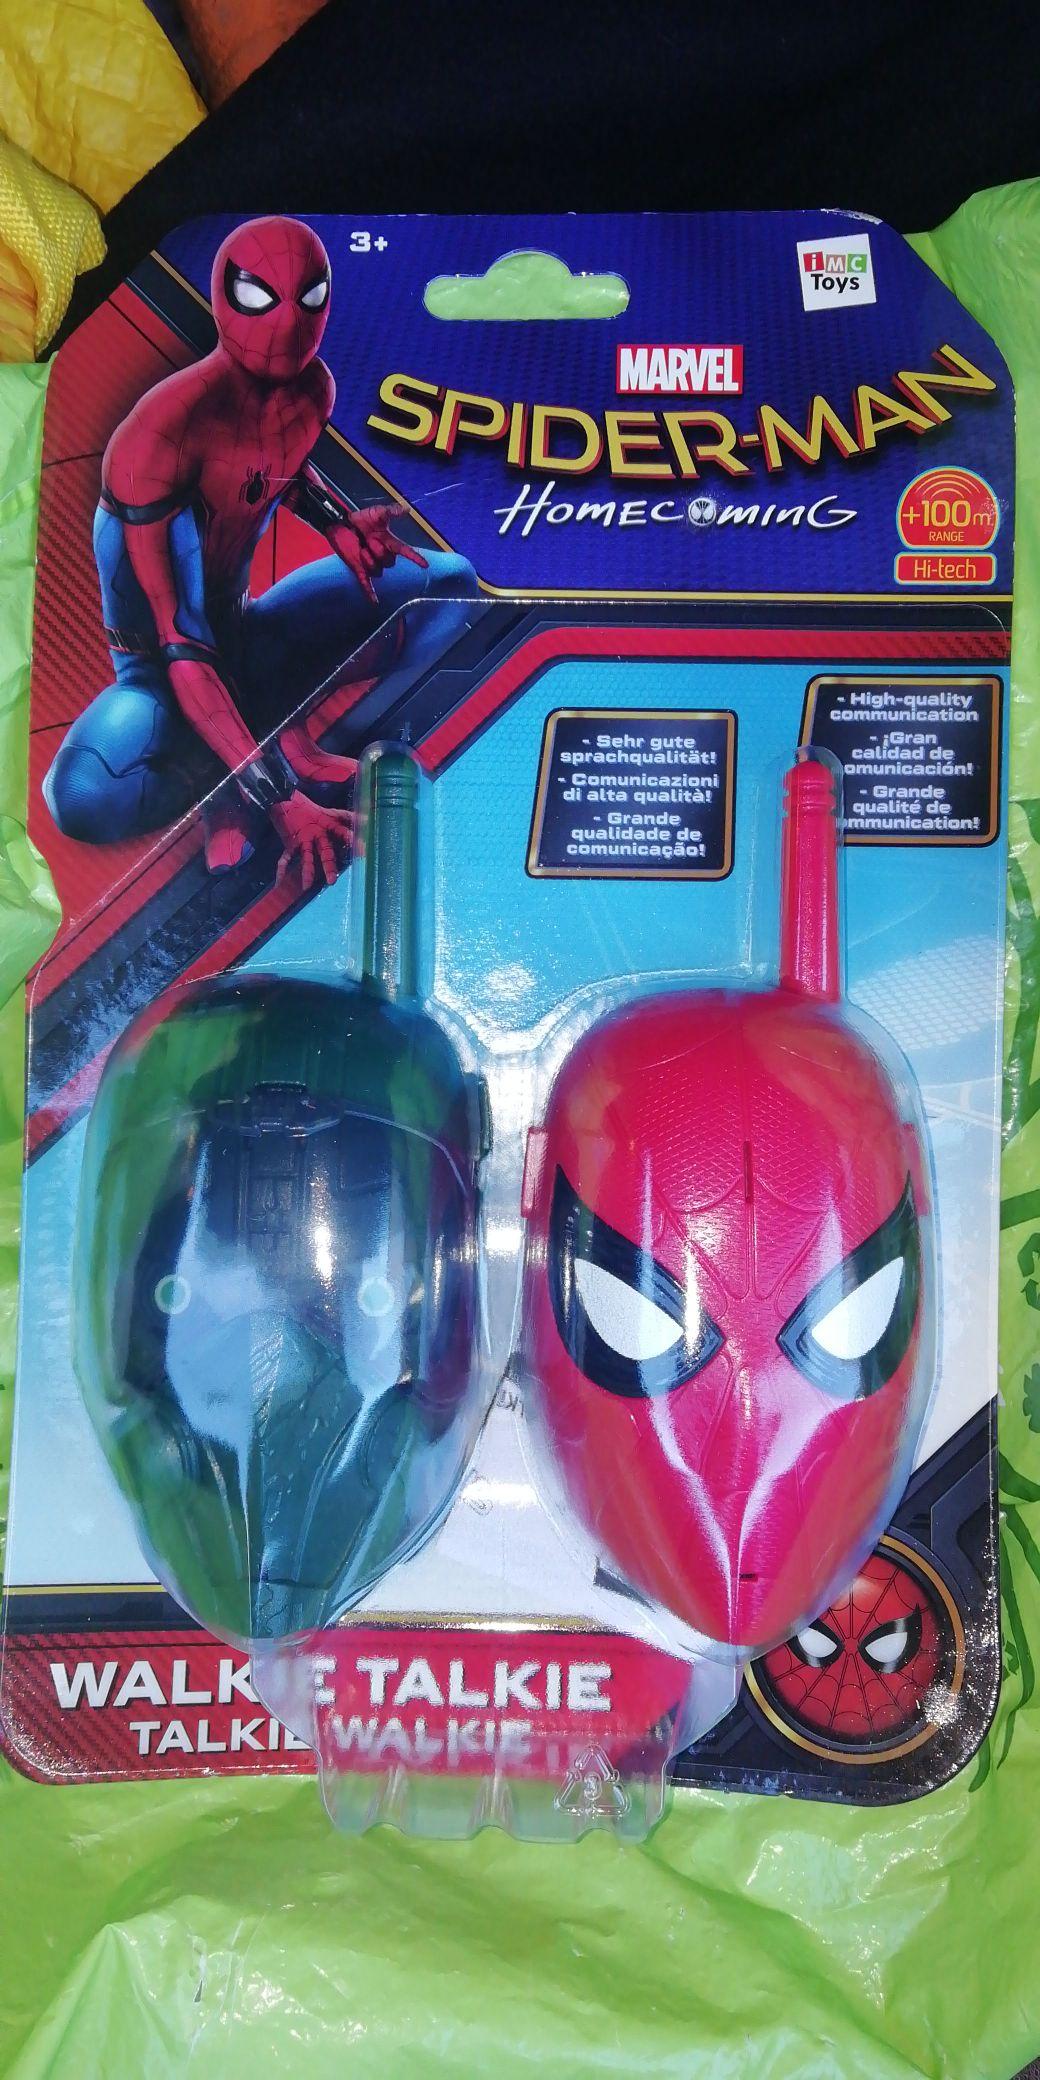 Spiderman walkie talkie home bargains £3.99